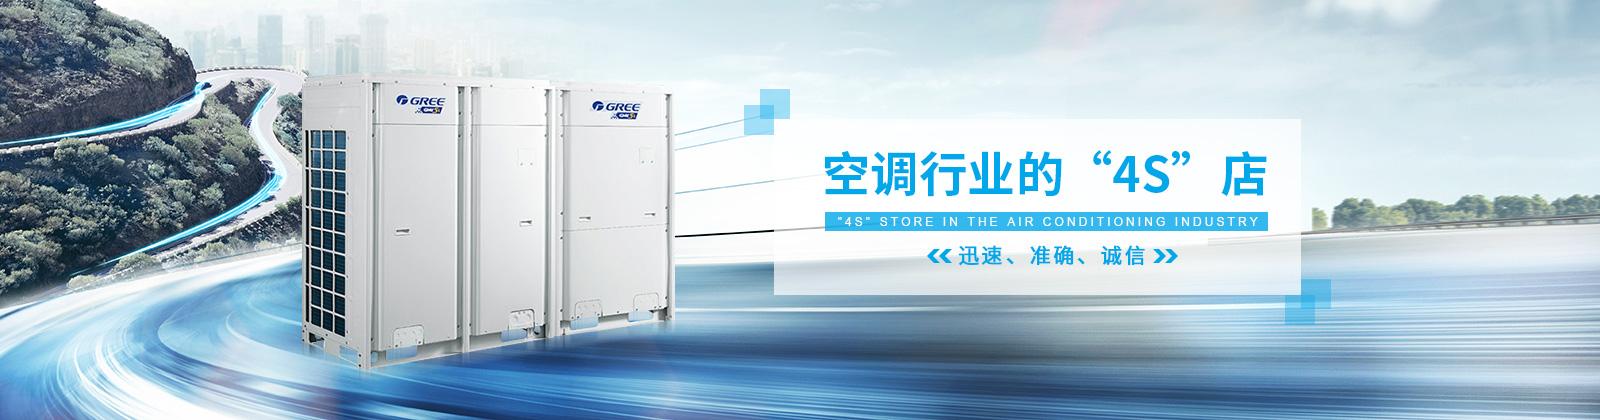 上海驰鑫格力空调制冷设备